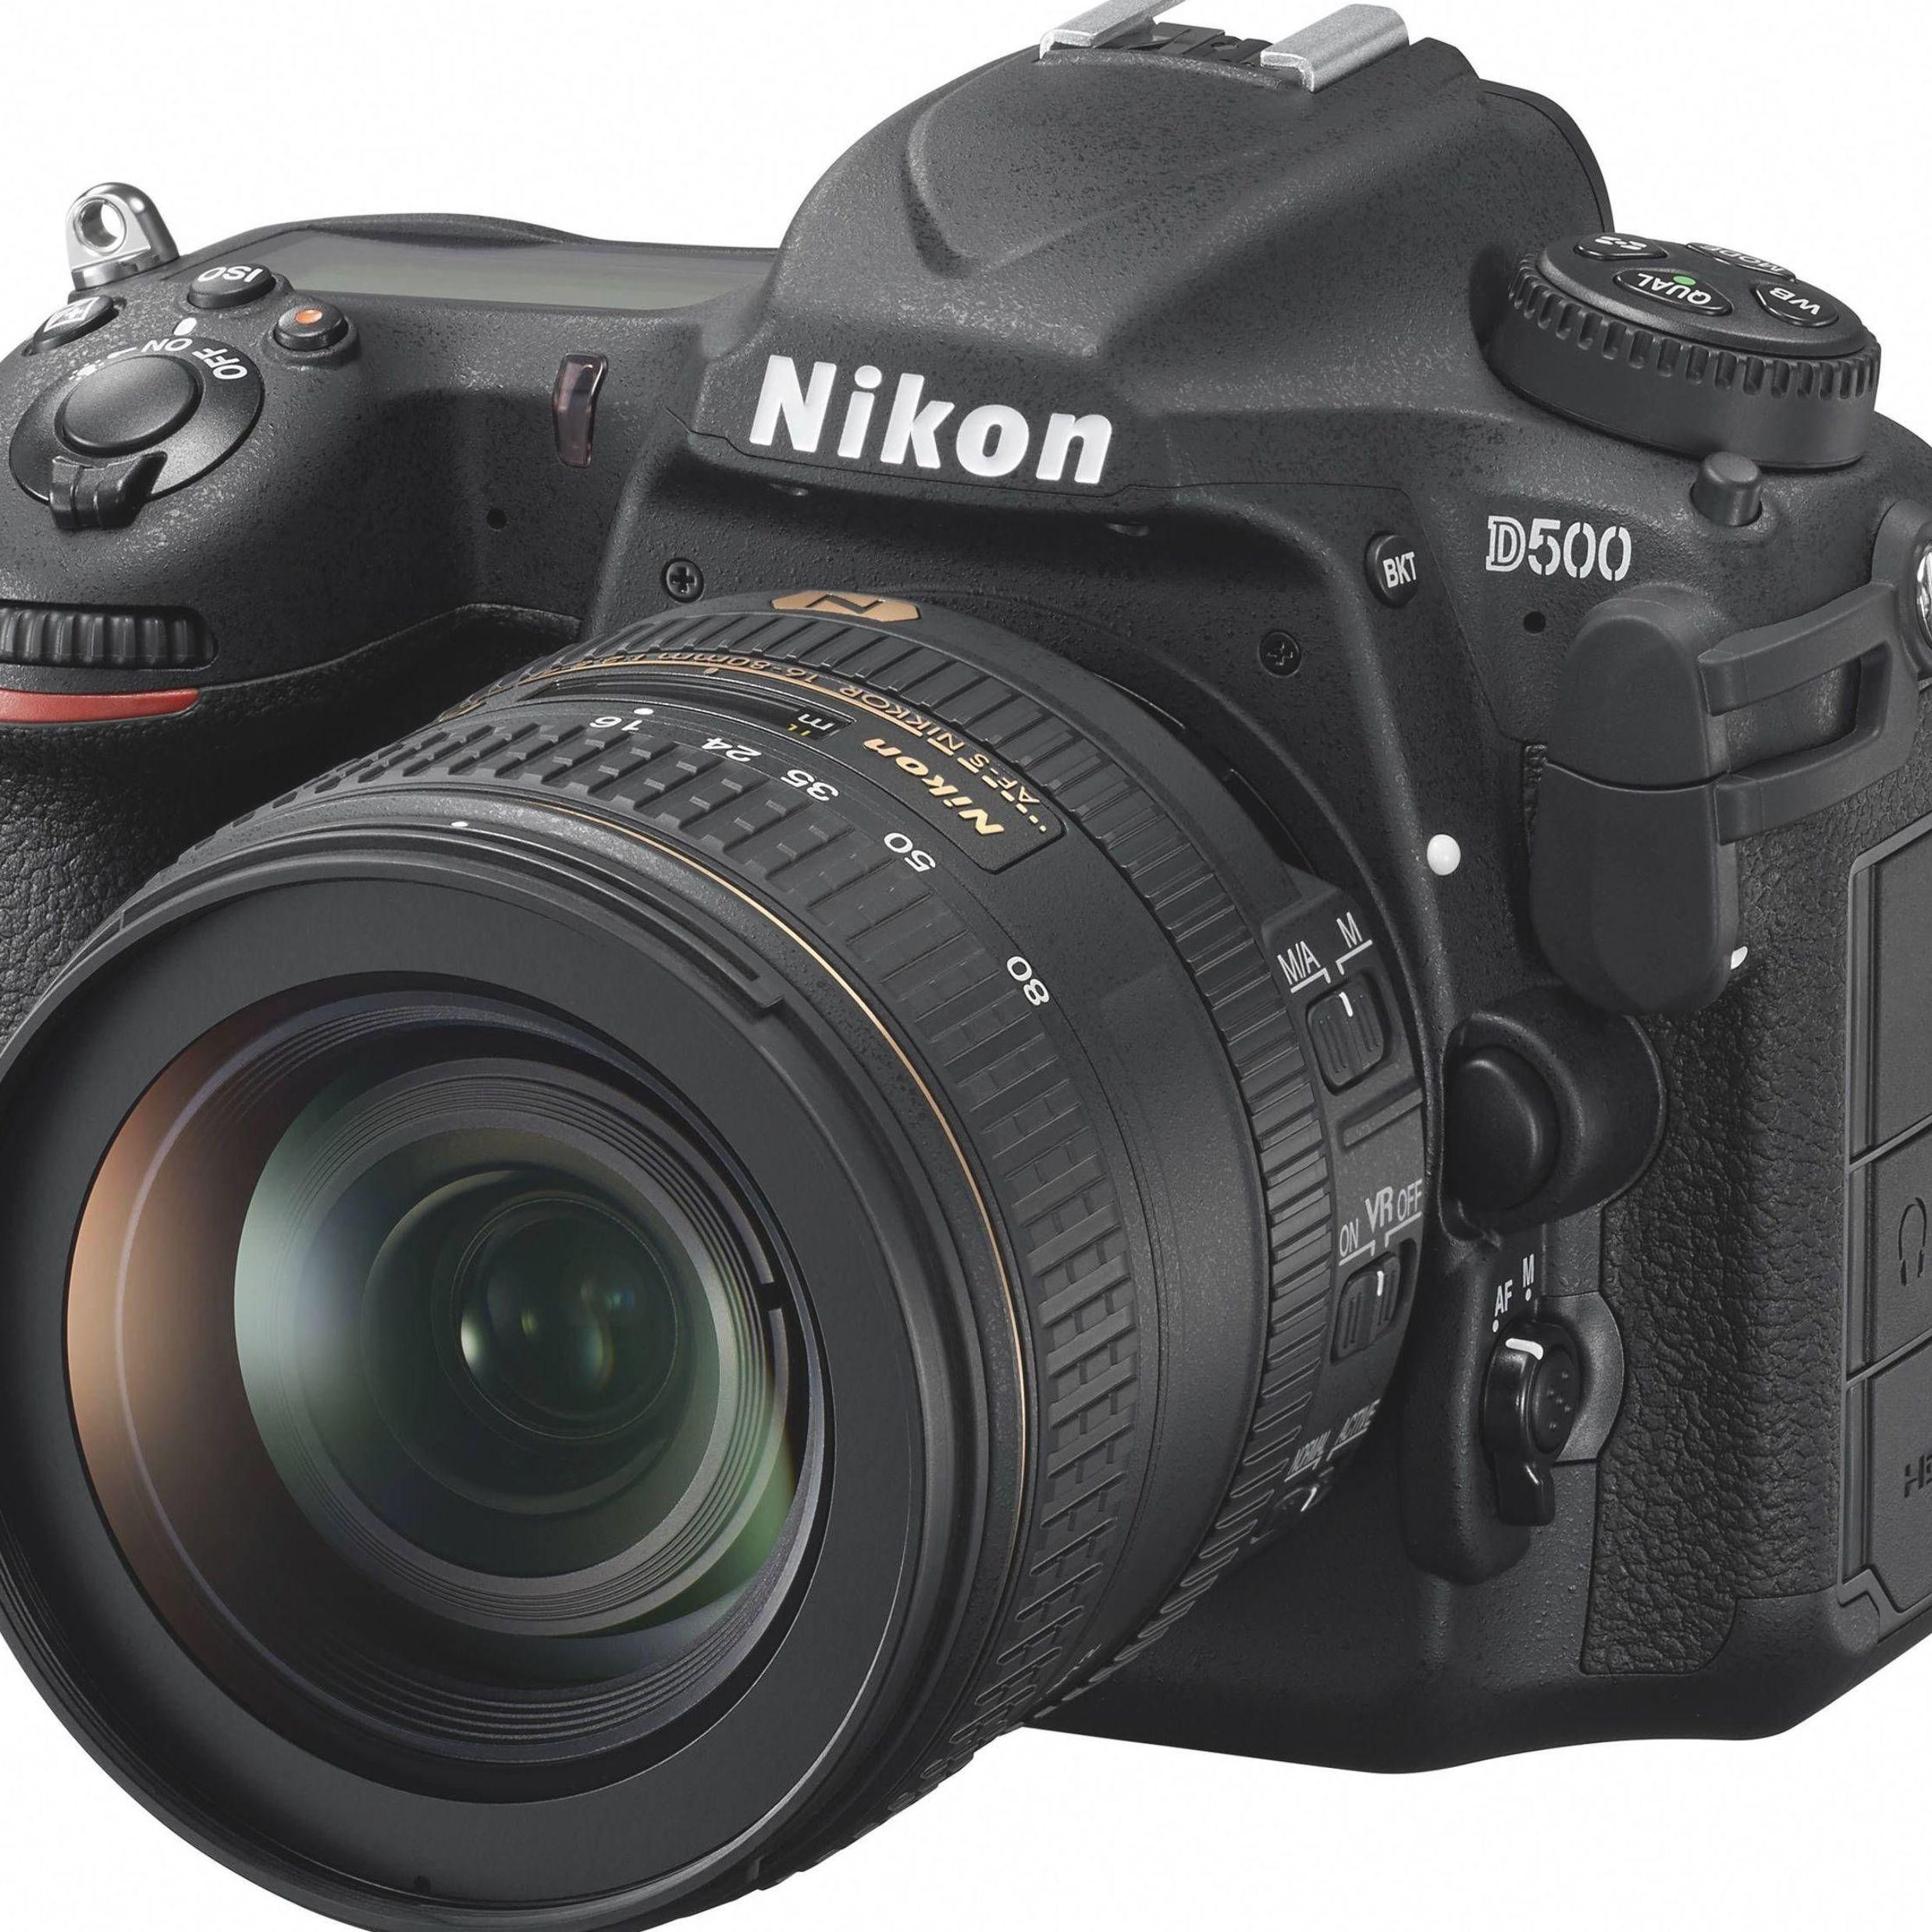 Nikon D500 Dslr Camera With 16 80mm Lens Dslr Digital Slr Camera Best Camera